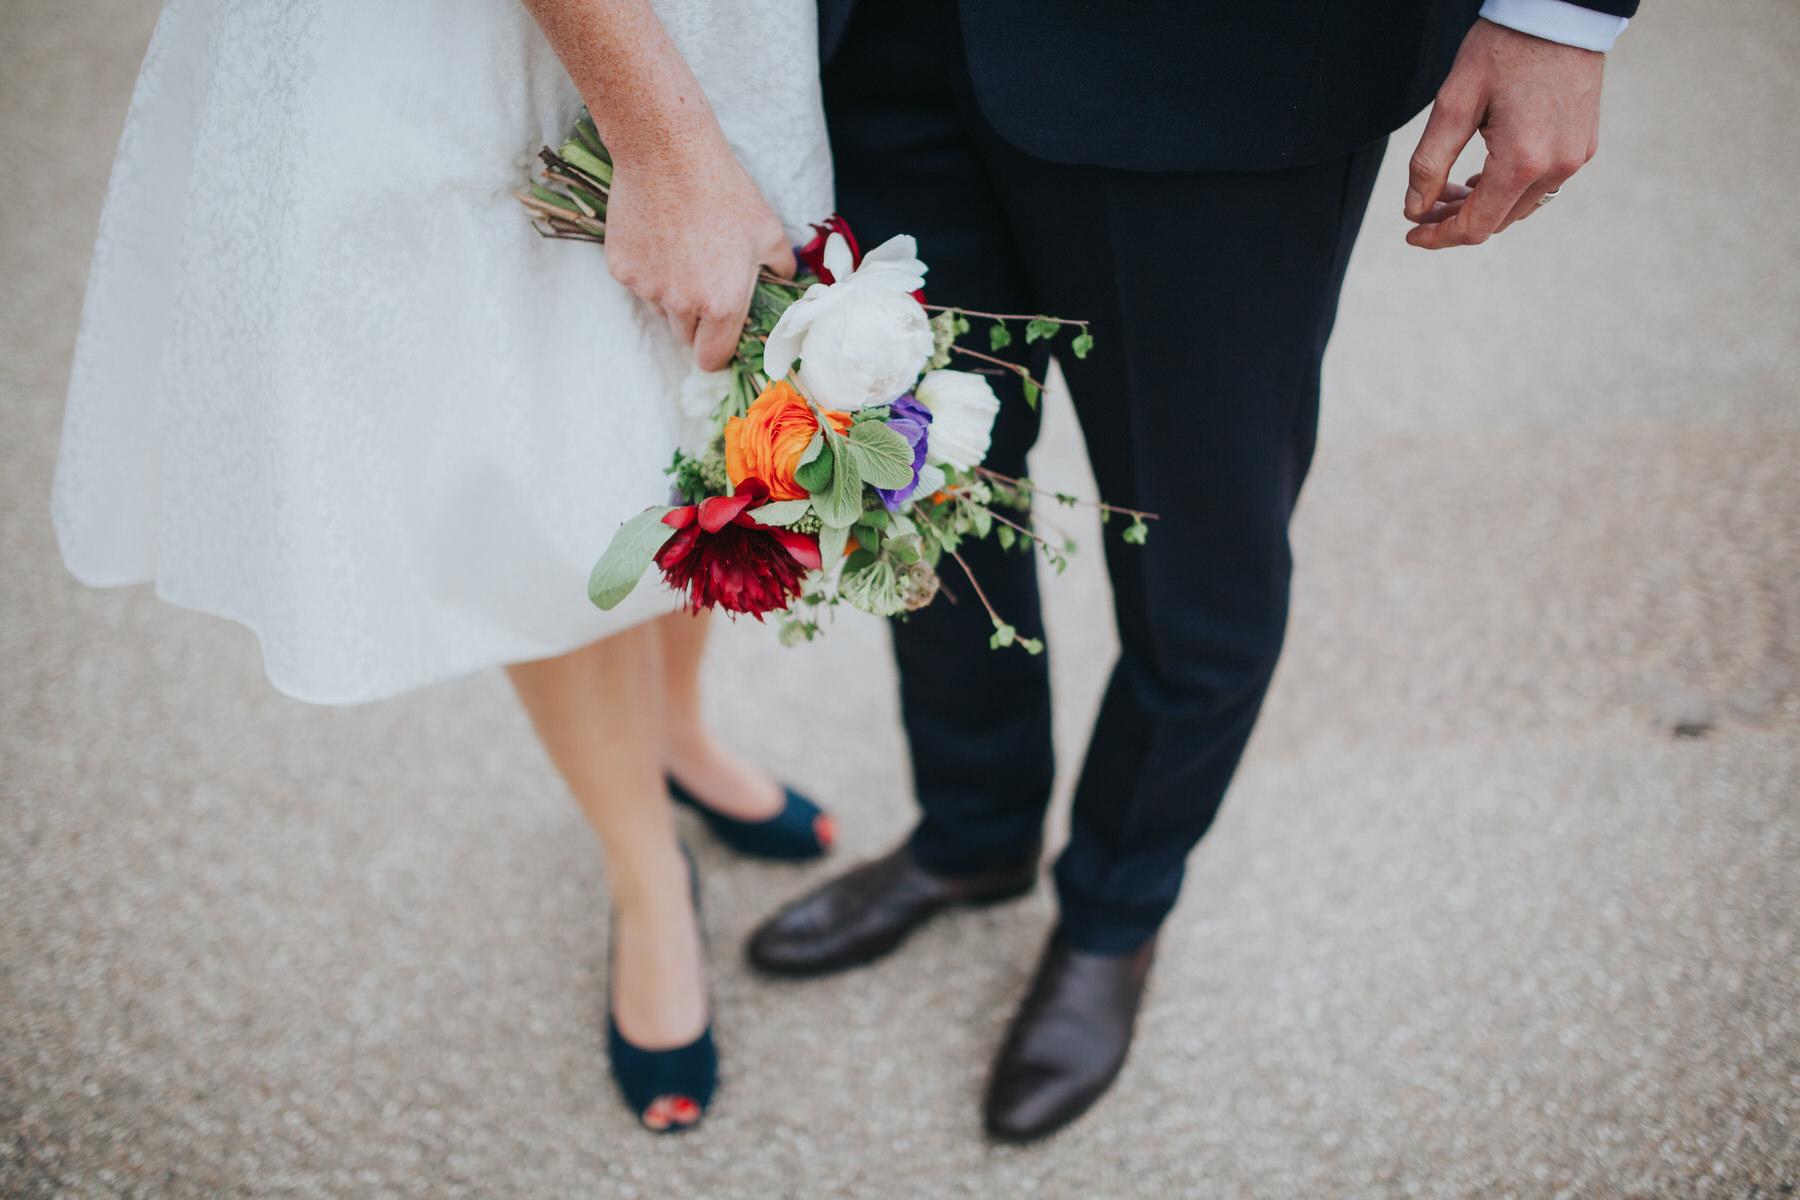 181-Victoria-park-wedding-wildflower-bouquet.jpg